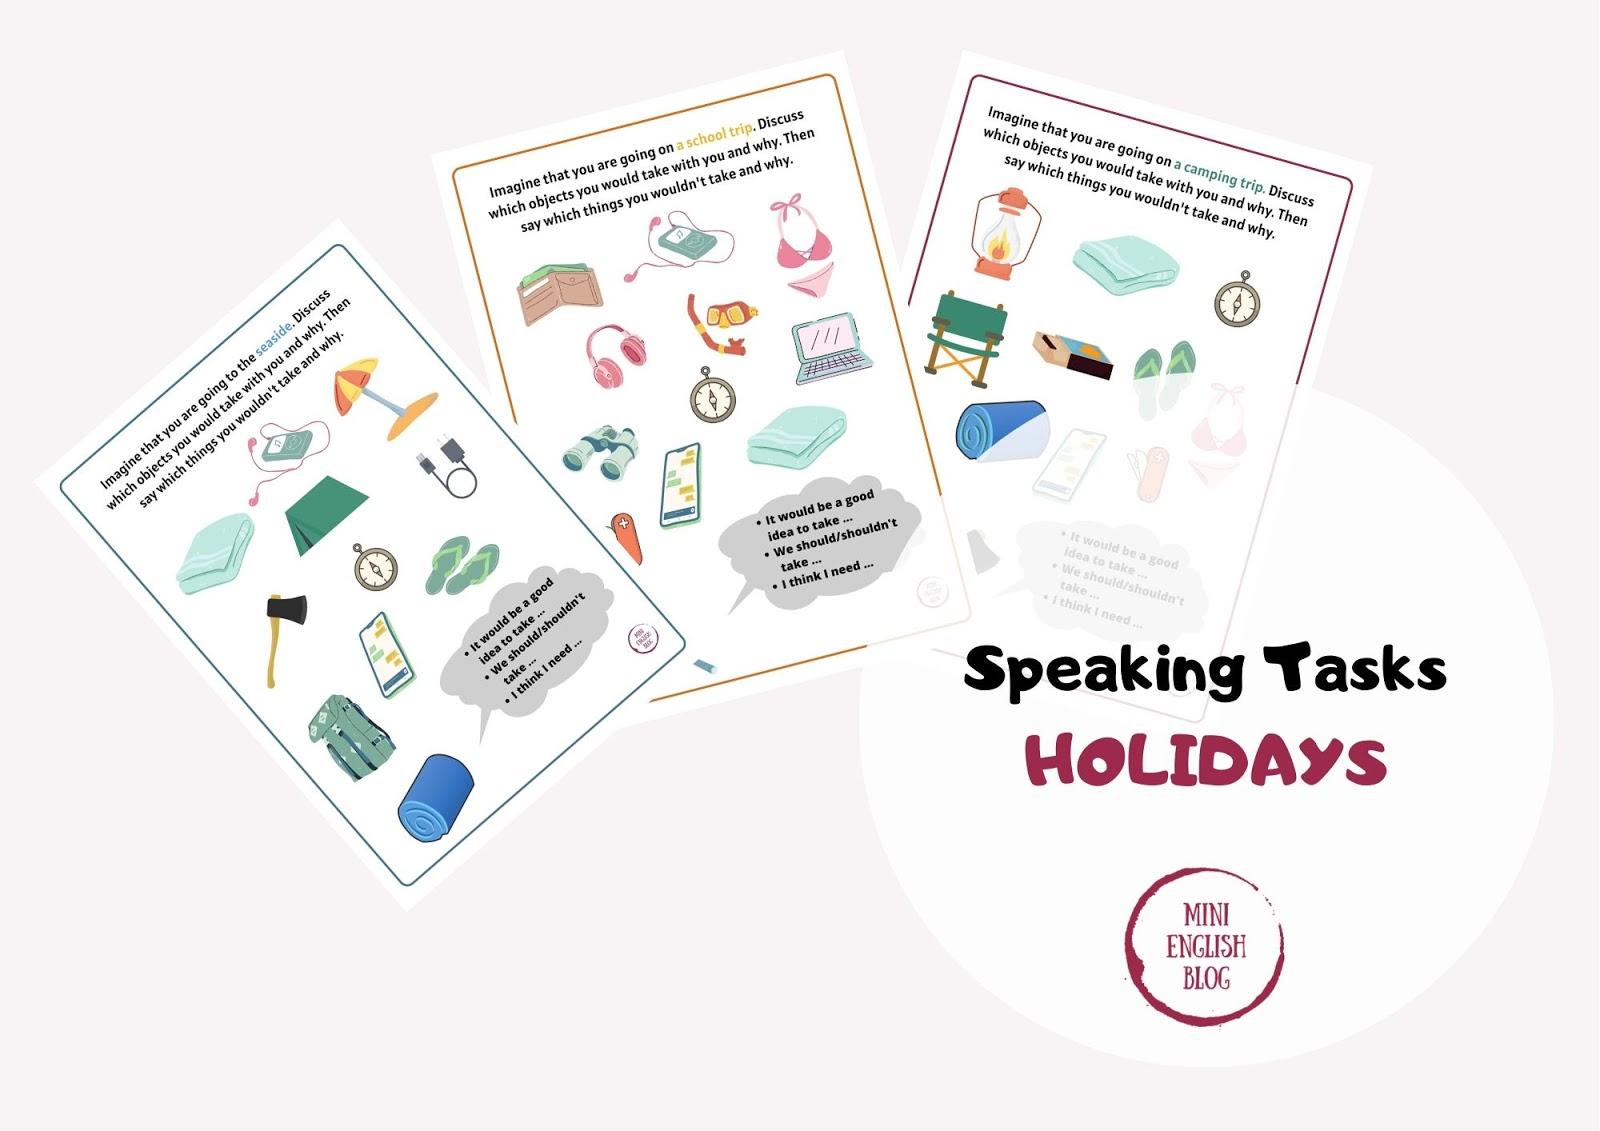 Holidays - Speaking Tasks